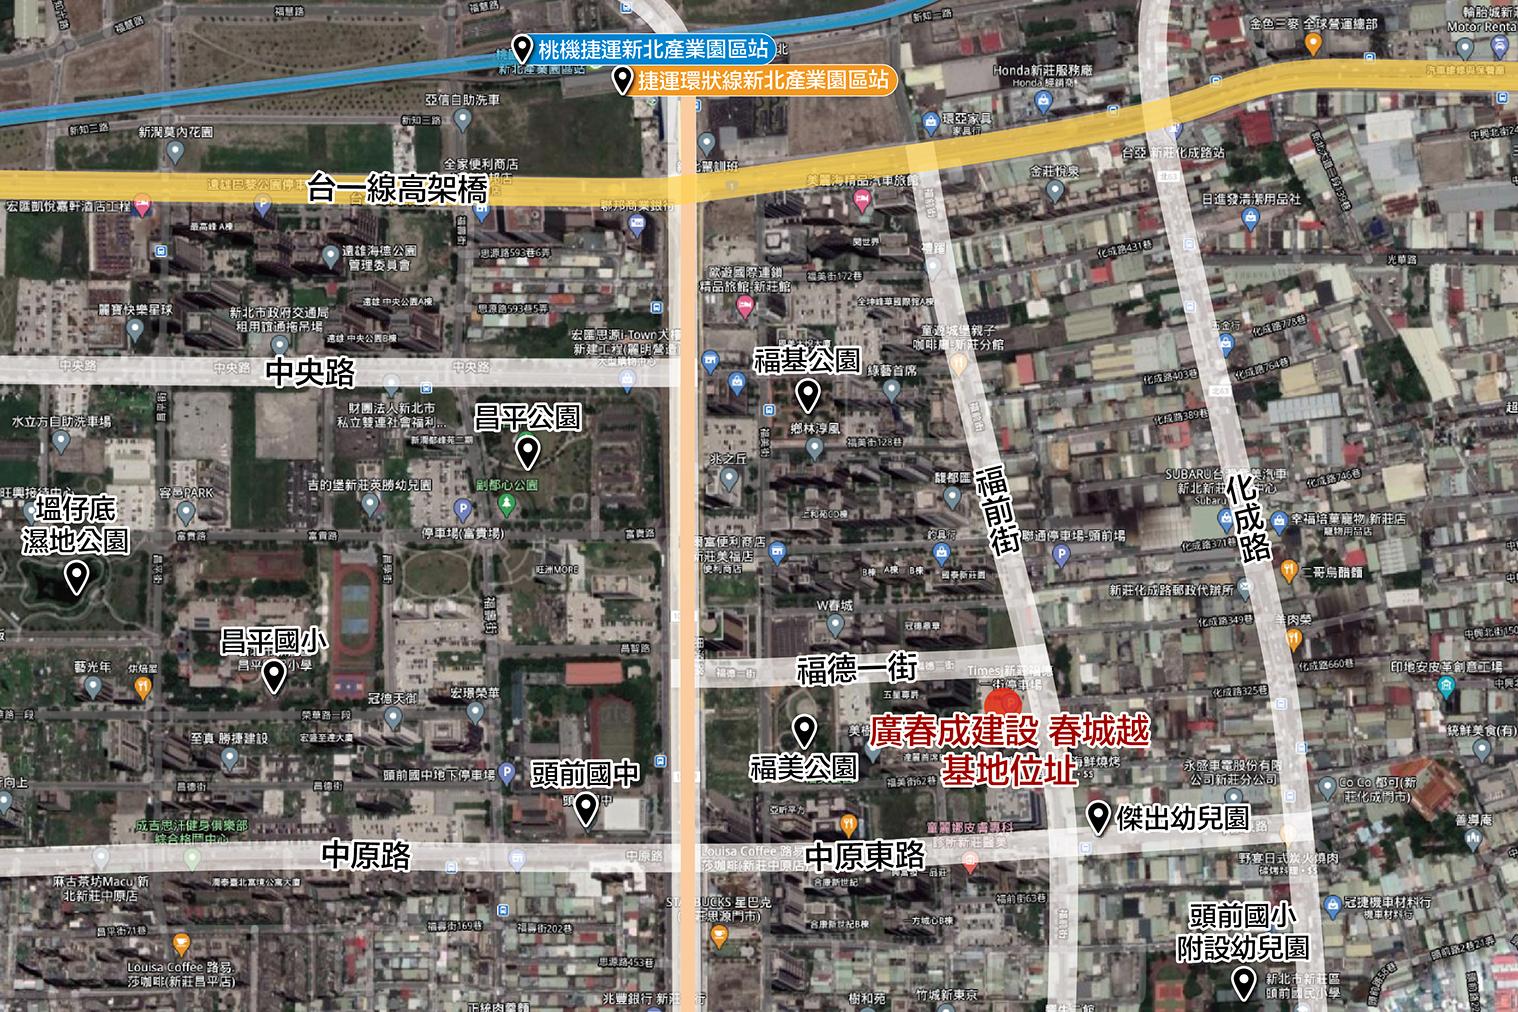 圖片:建案搶先看 |廣春成建設 春城越 福美公園濃蔭靜巷,三面臨路大天地